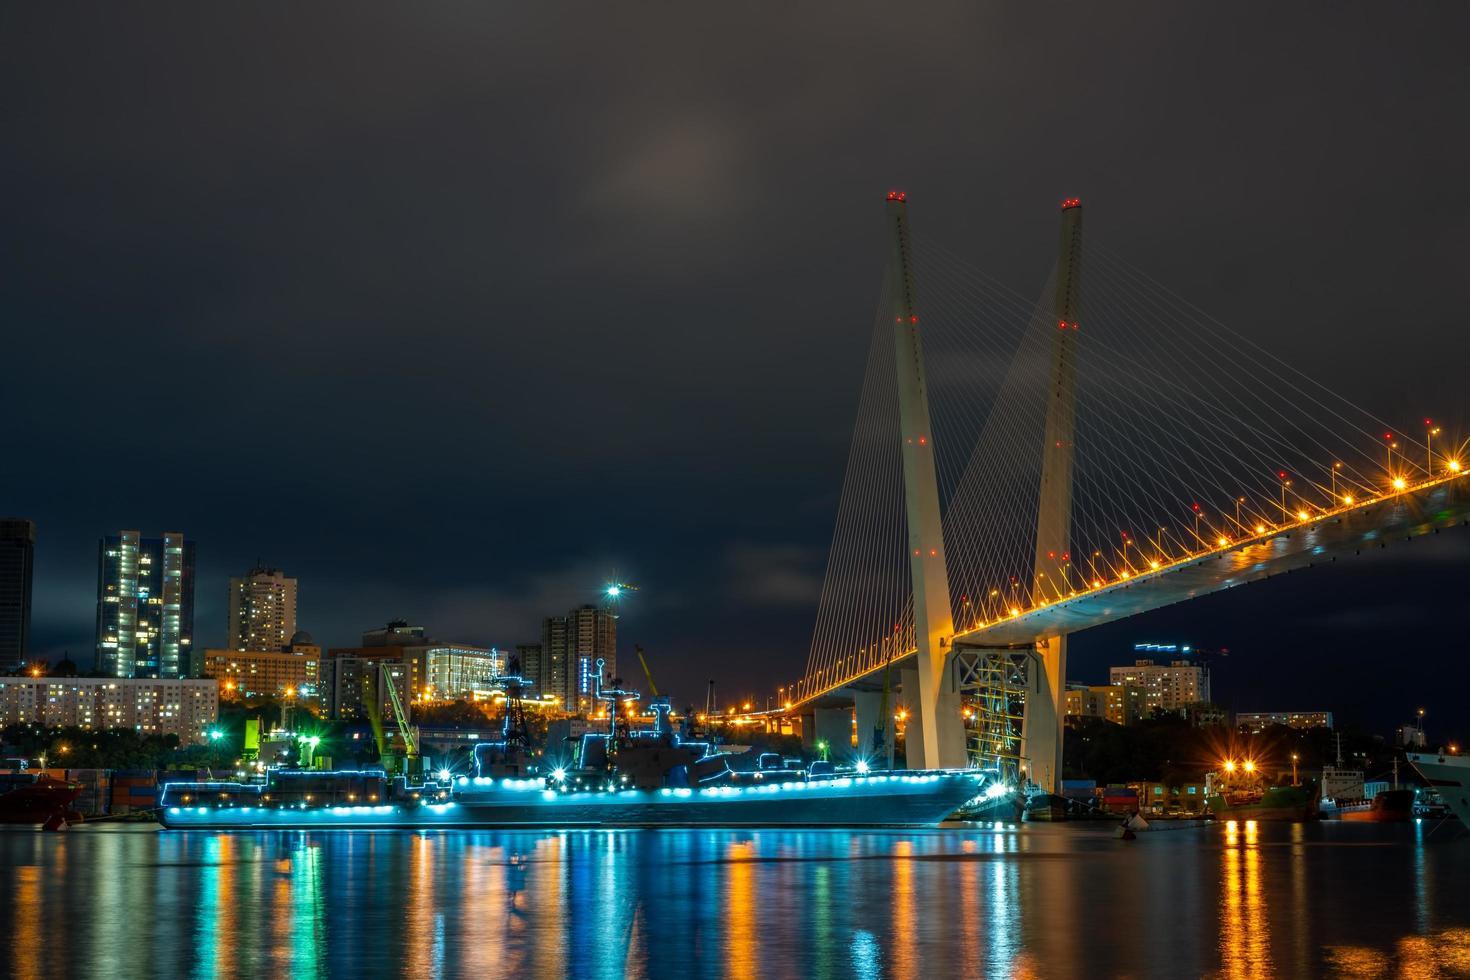 Paysage urbain de la baie de la corne d'or, un cuirassé et le pont d'or à Vladivostok, Russie photo